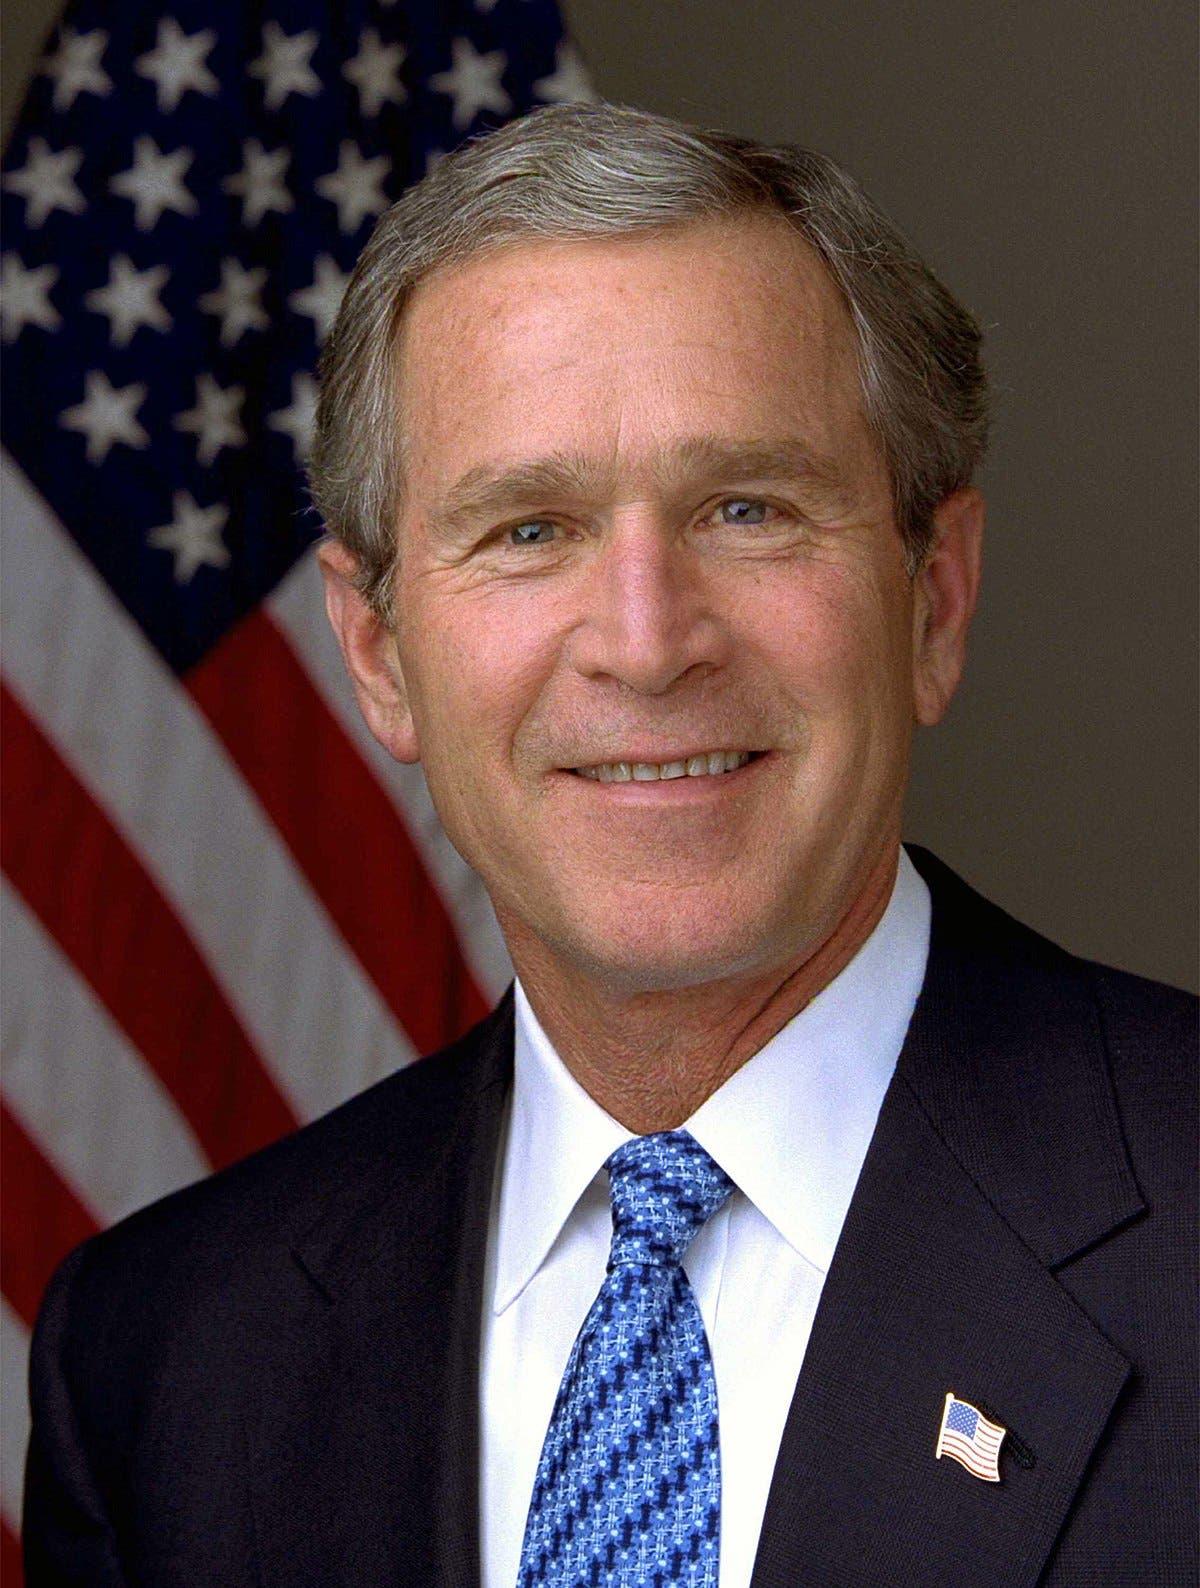 الرئيس جورج بوش الابن